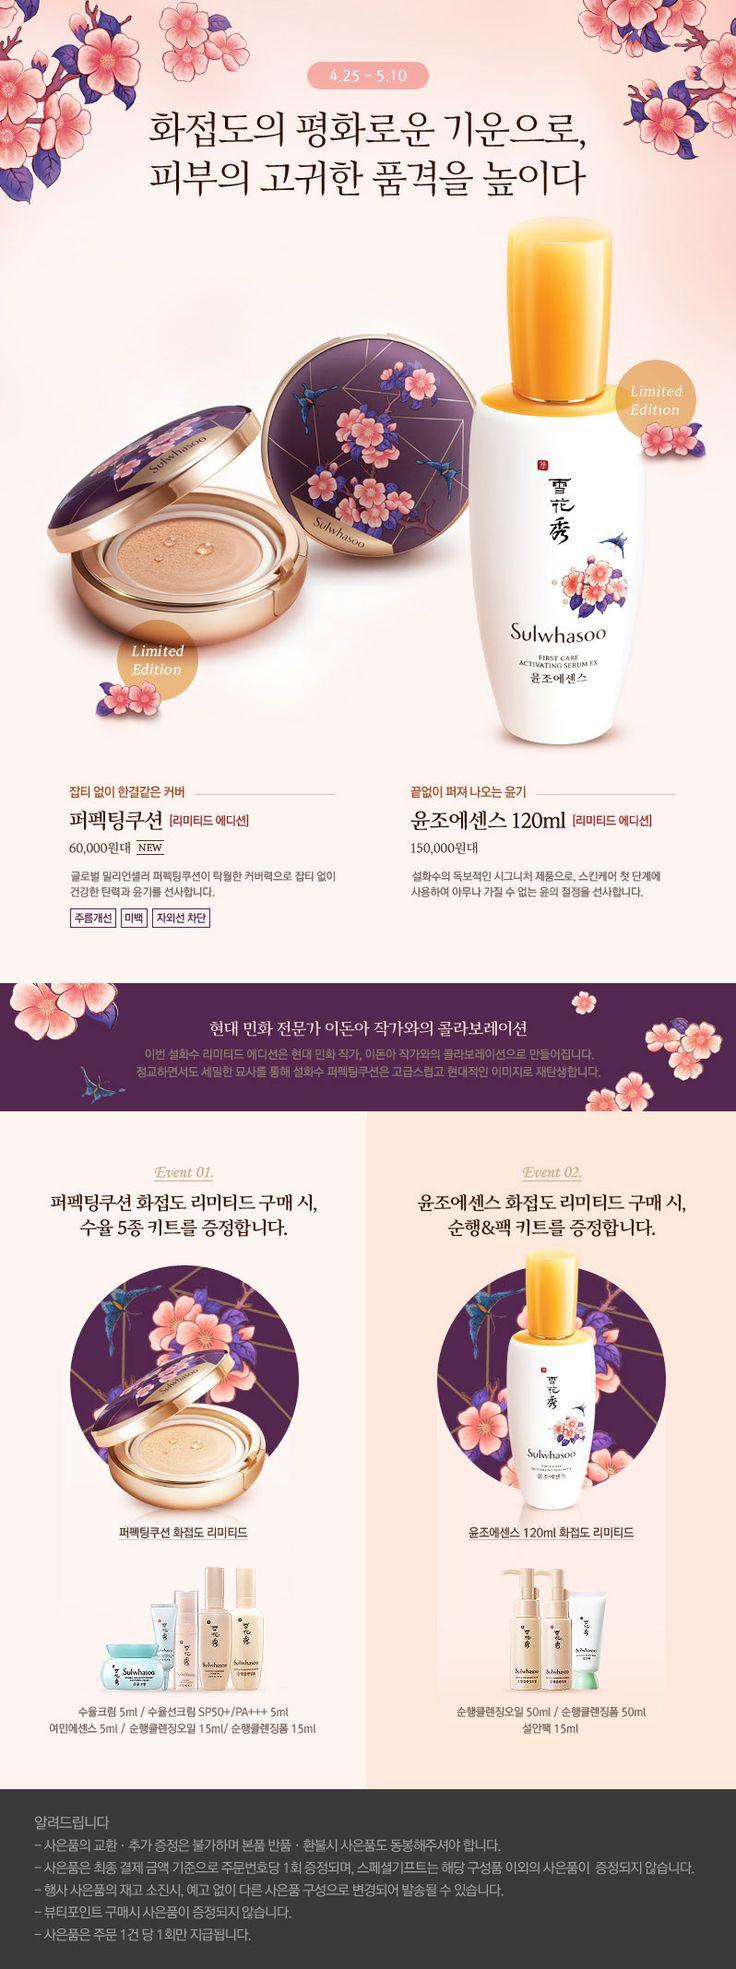 설화수 [화접도] 리미티드 쿠션/윤조에센스 – 아모레퍼시픽 쇼핑몰